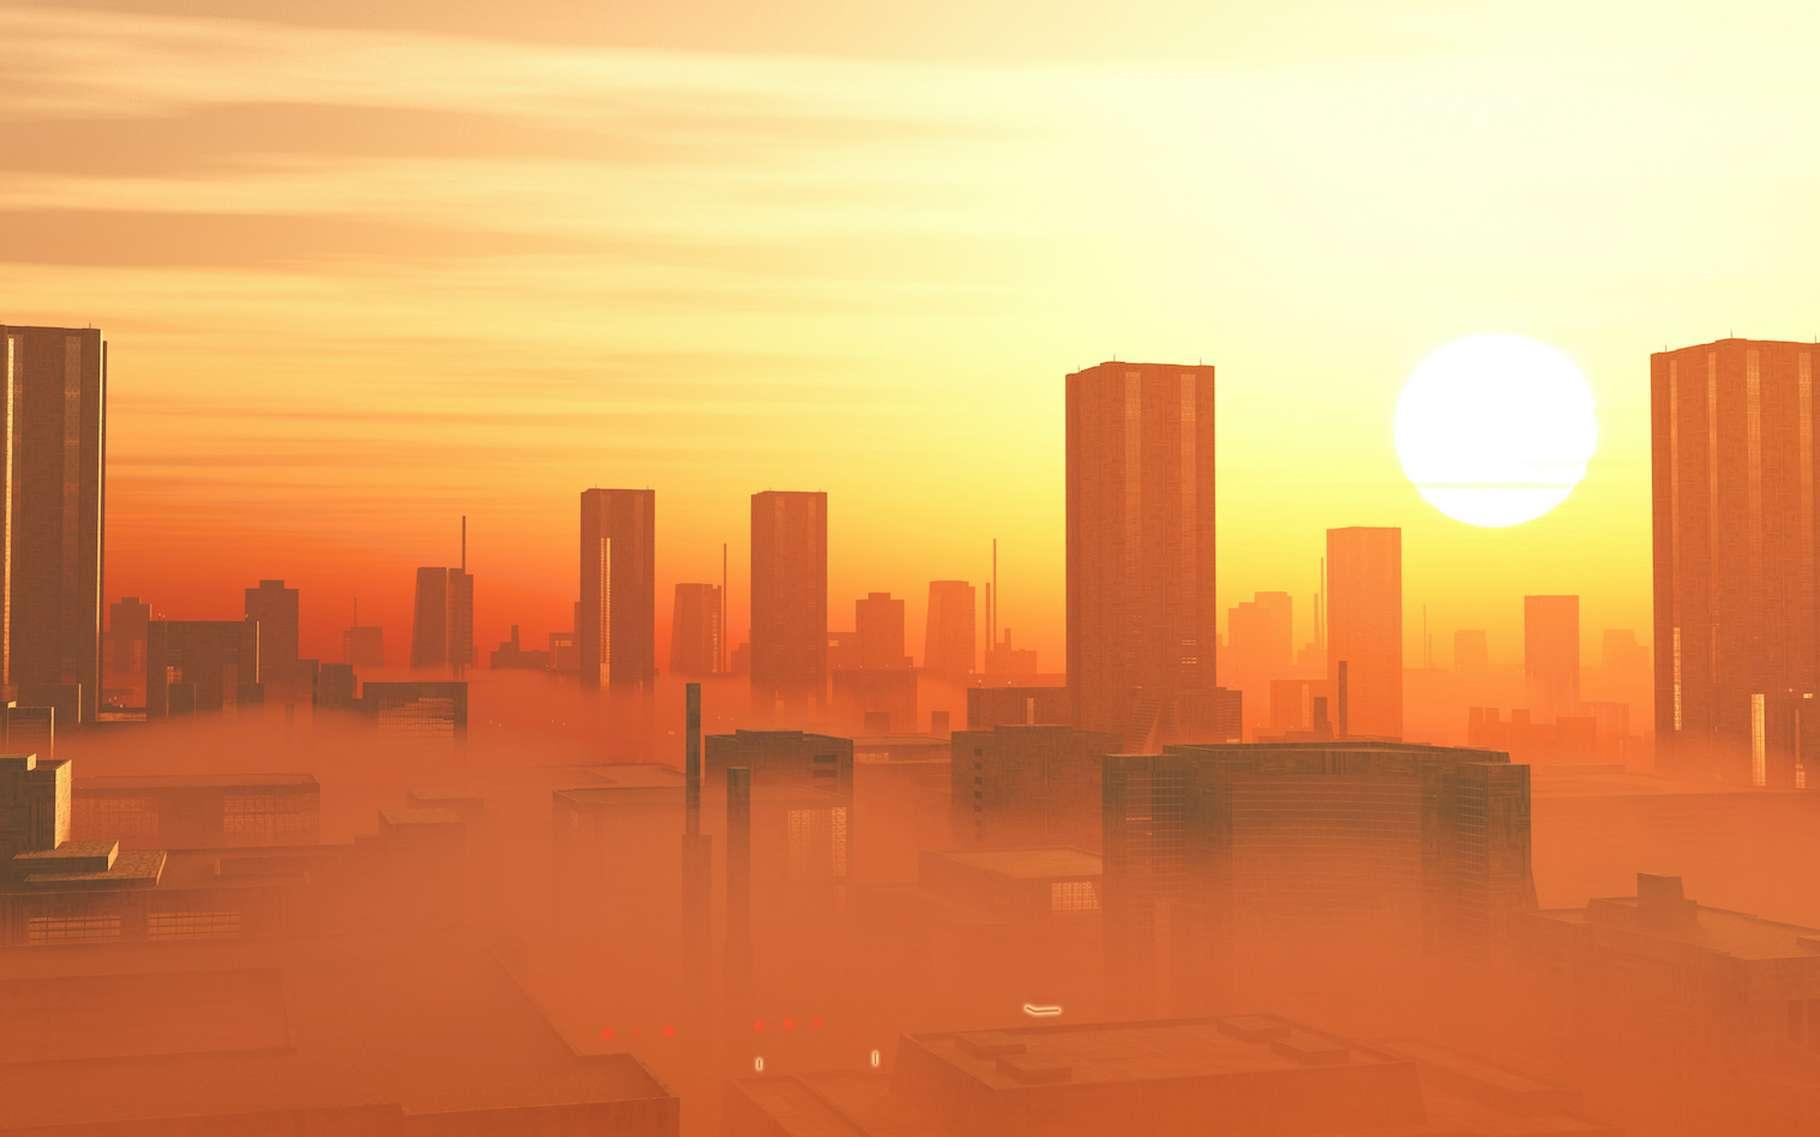 Lorsque les températures grimpent, le nombre de décès aussi. Et de manière plus marquée que le pensaient jusqu'ici les spécialistes. © bht2000, Adobe Stock